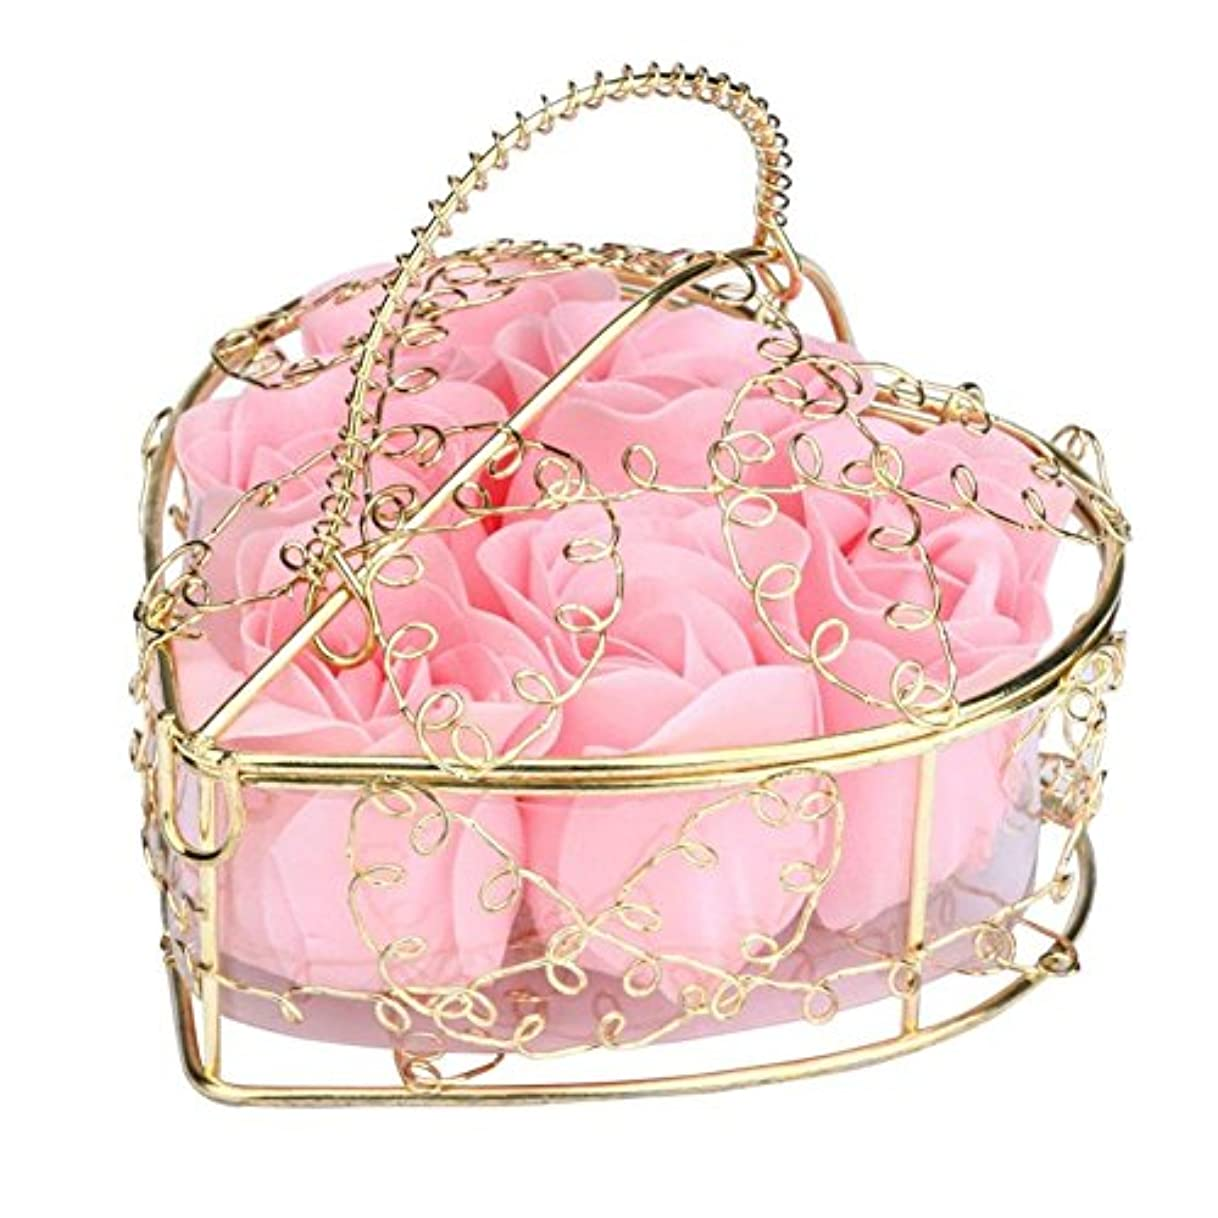 値インシデントそうSODIAL 6個の香り付きローズフラワー 花びらバス ボディソープ ウェディングパーティーギフト ホームDIYデコレーション(ピンク)